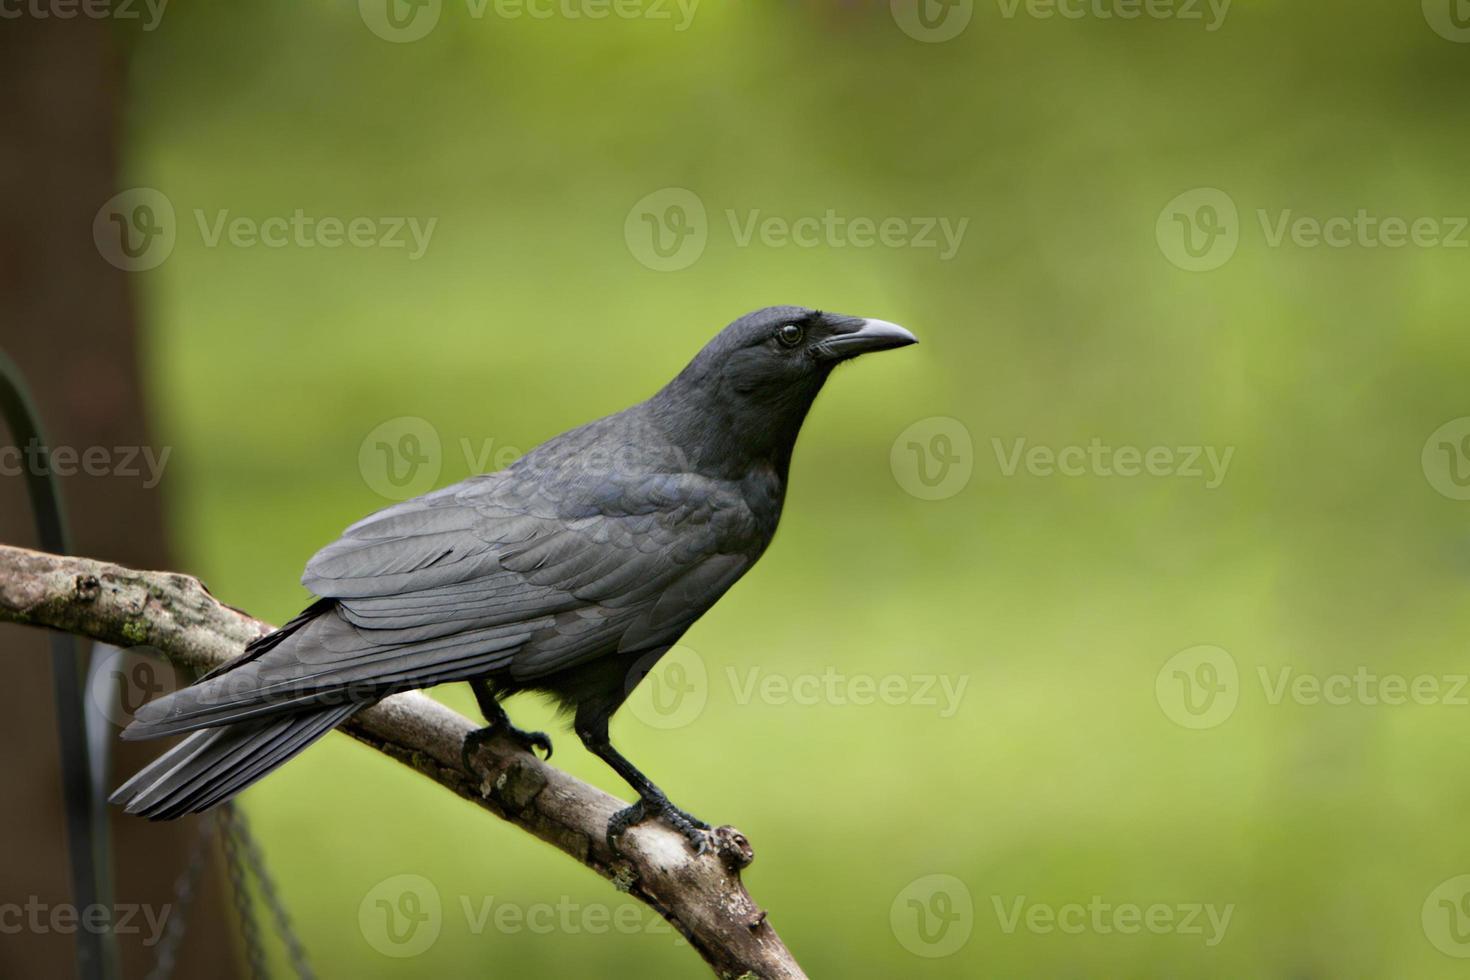 grande corvo preto no membro nu foto